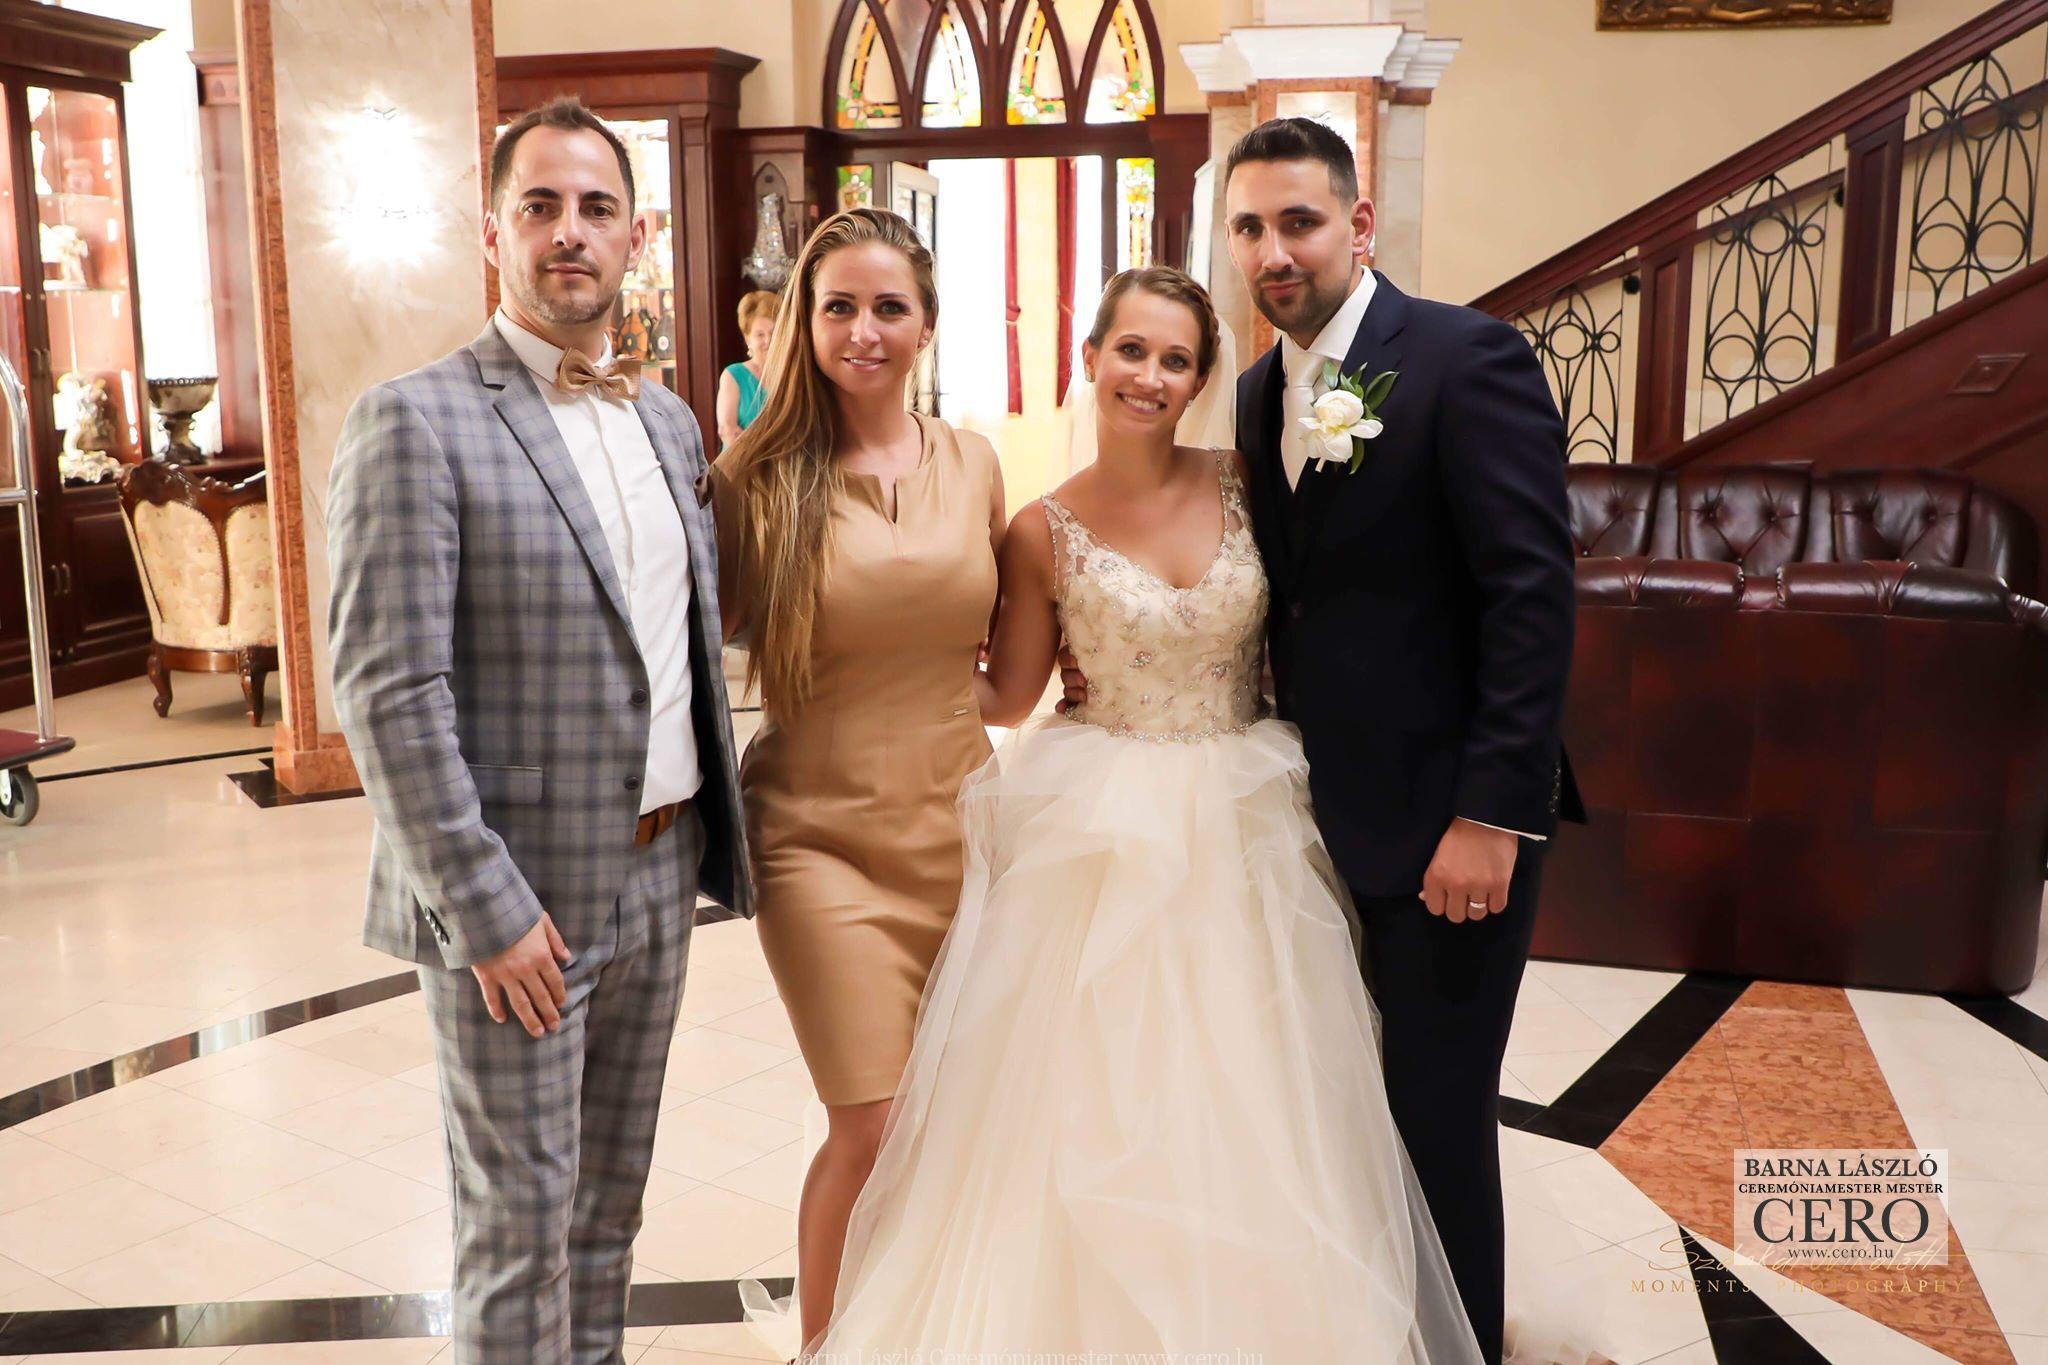 Ceremóniamester, ceró esküvő, Nyíradony, Borostyán Med, Barna László